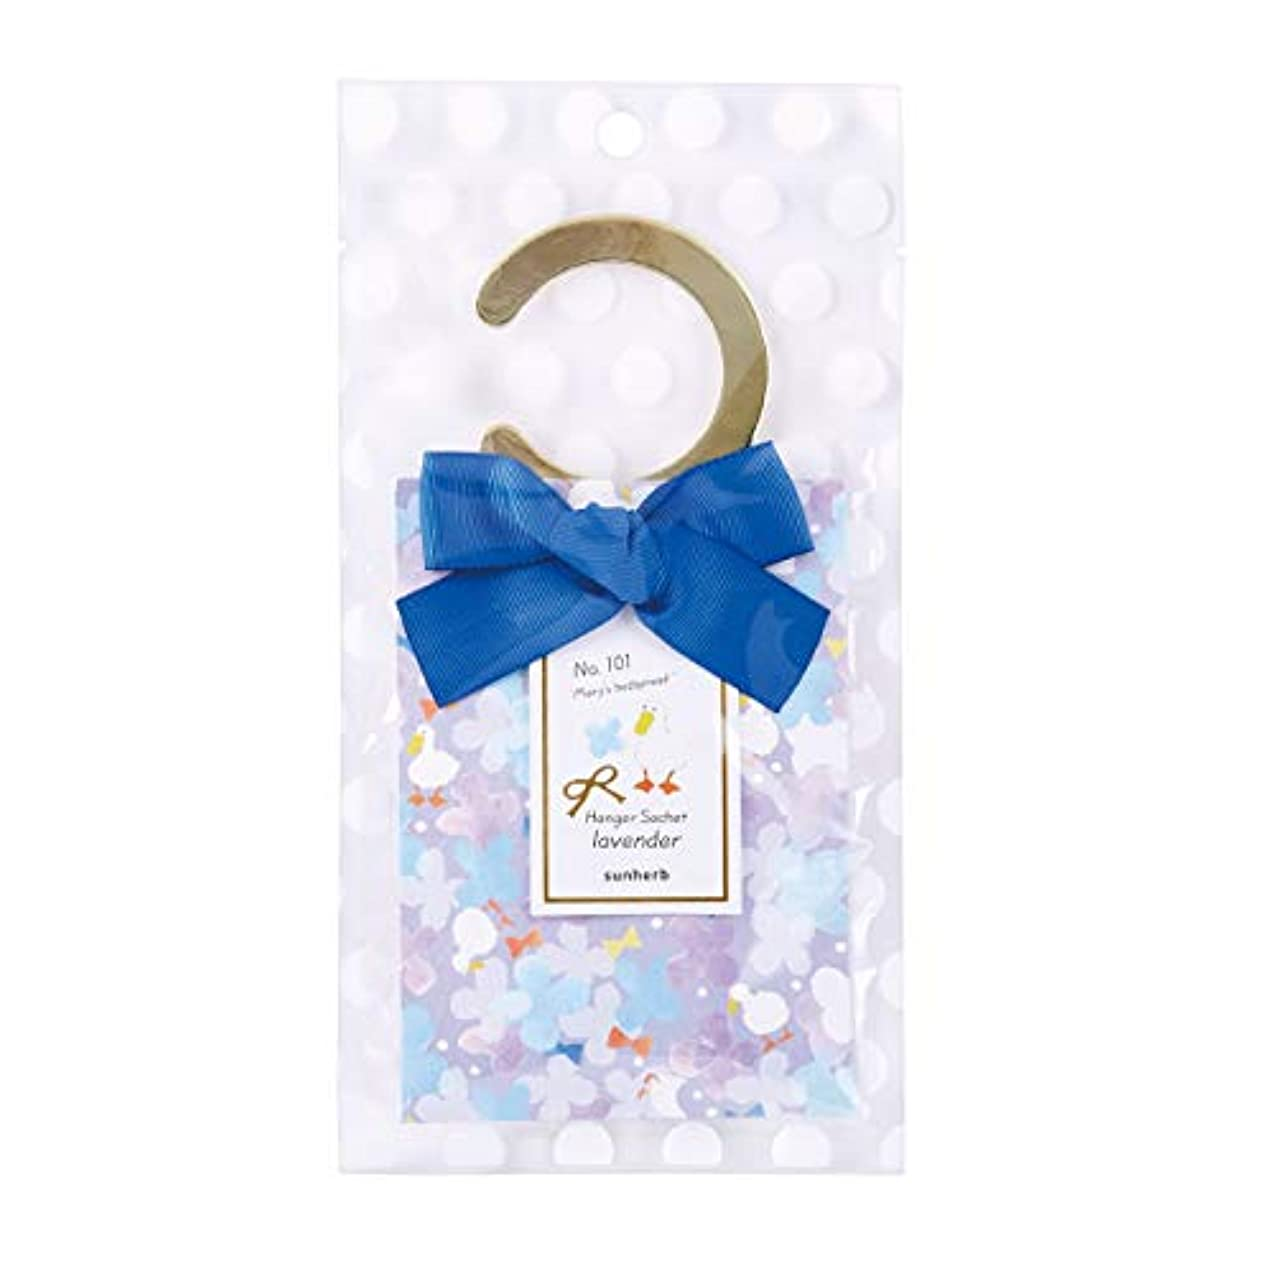 冊子ボランティアコスチュームサンハーブ ハンガーサシェ ラベンダーの香り (吊り下げ芳香剤 アヒルが描かれたラベンダー色のデザイン)